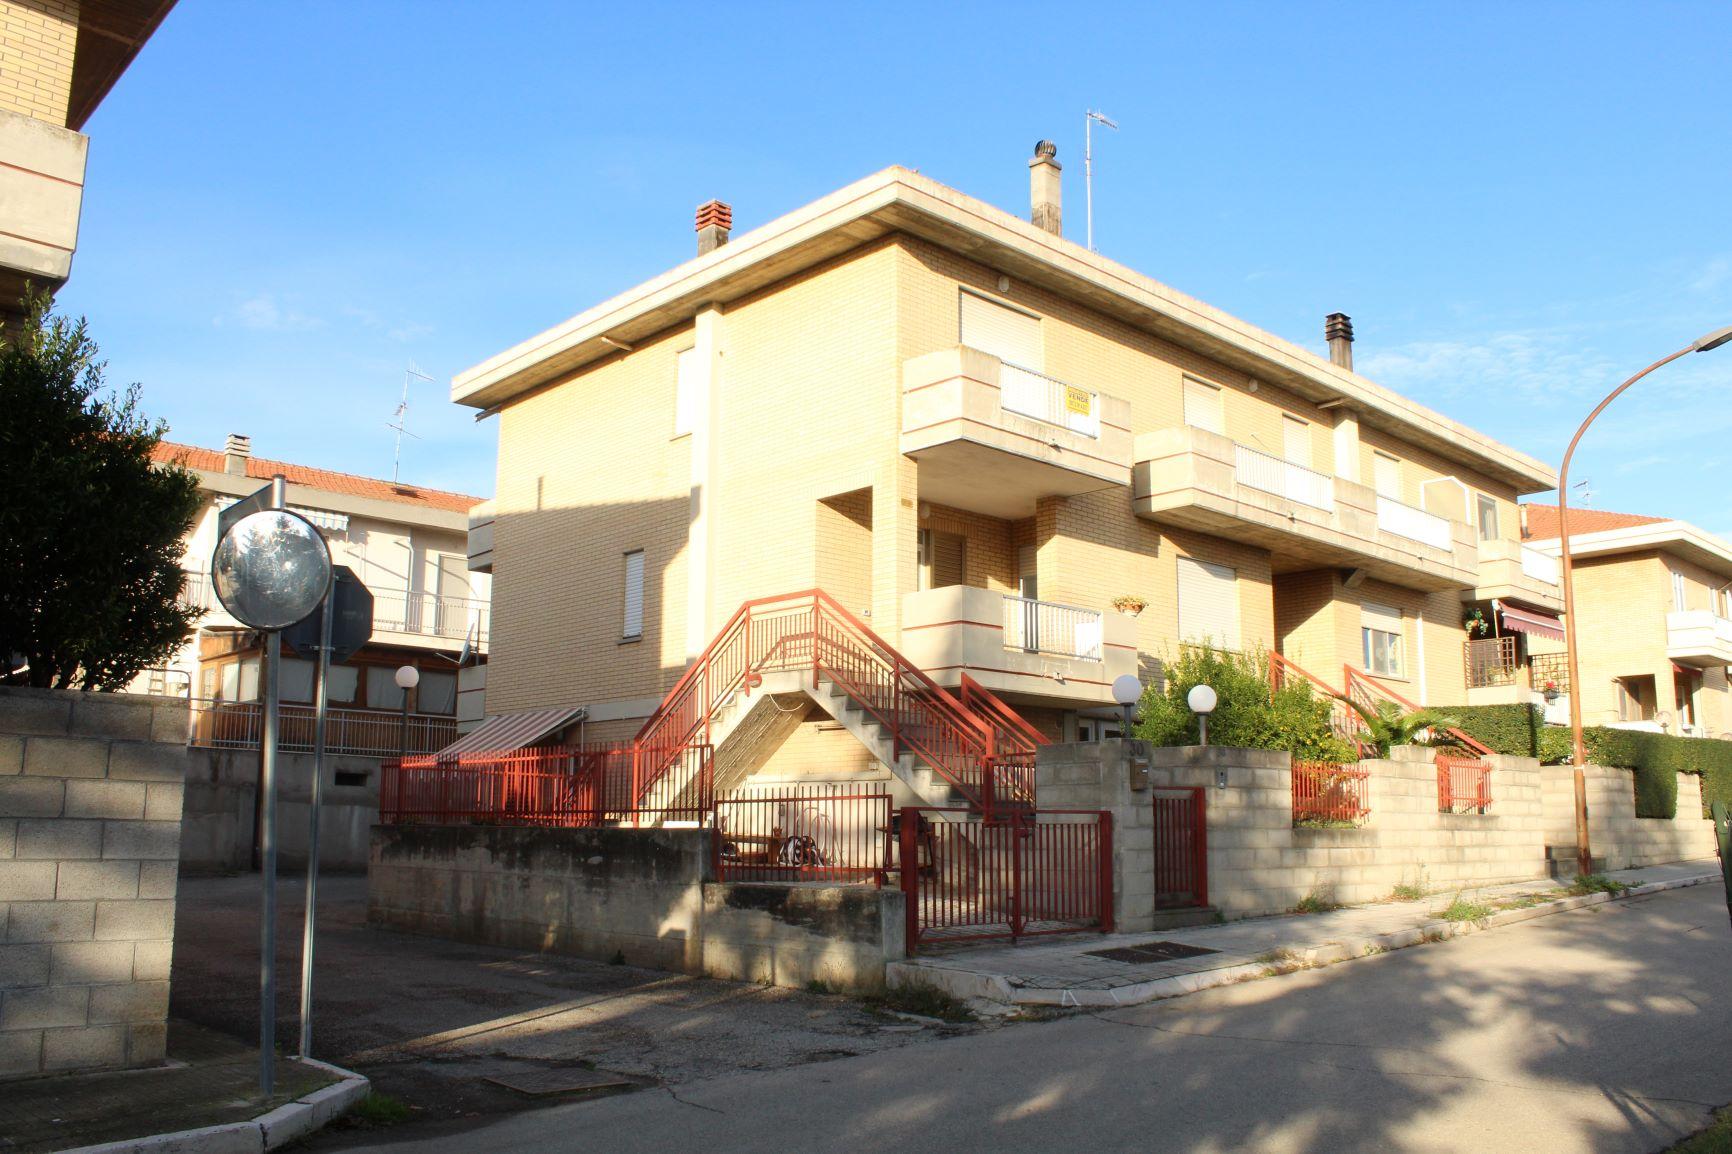 rif 1142 Casalbordino (CH) – Appartamento con tre camere da letto – € 140000